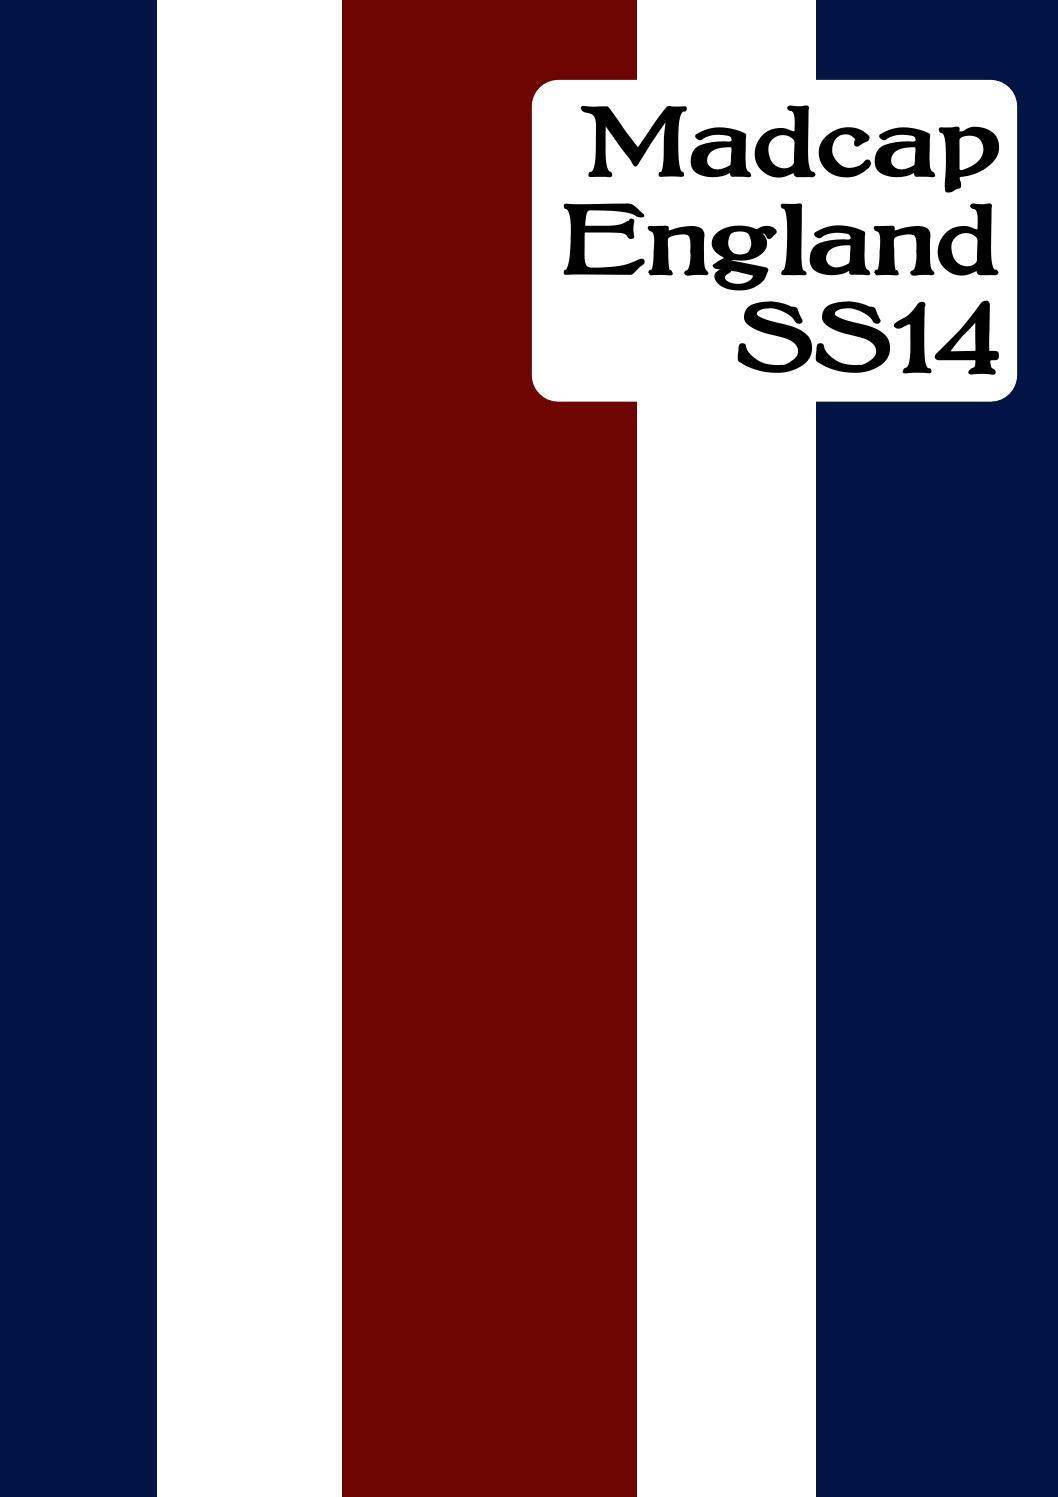 0b3fa39f Madcap England Catalogue ss14 by Atom Retro - issuu